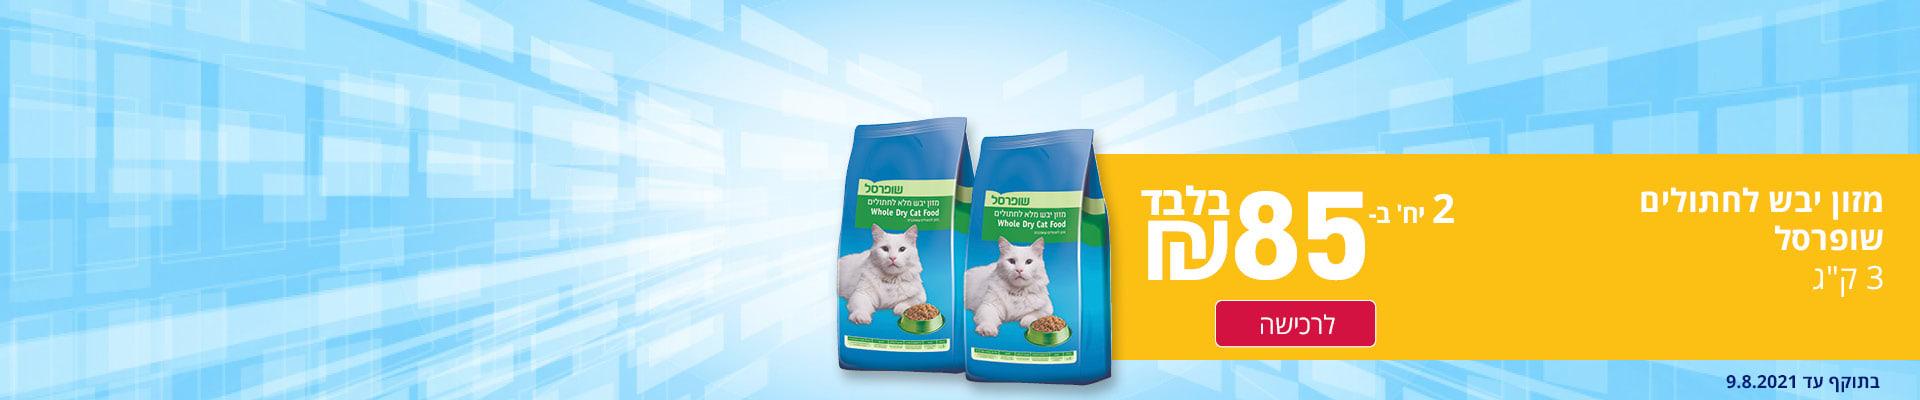 """מזון יבש לחתולים שופרסל 3 ק""""ג 2 יח' ב-85 ₪ בלבד לרכישה בתוקף עד 9.8.2021"""